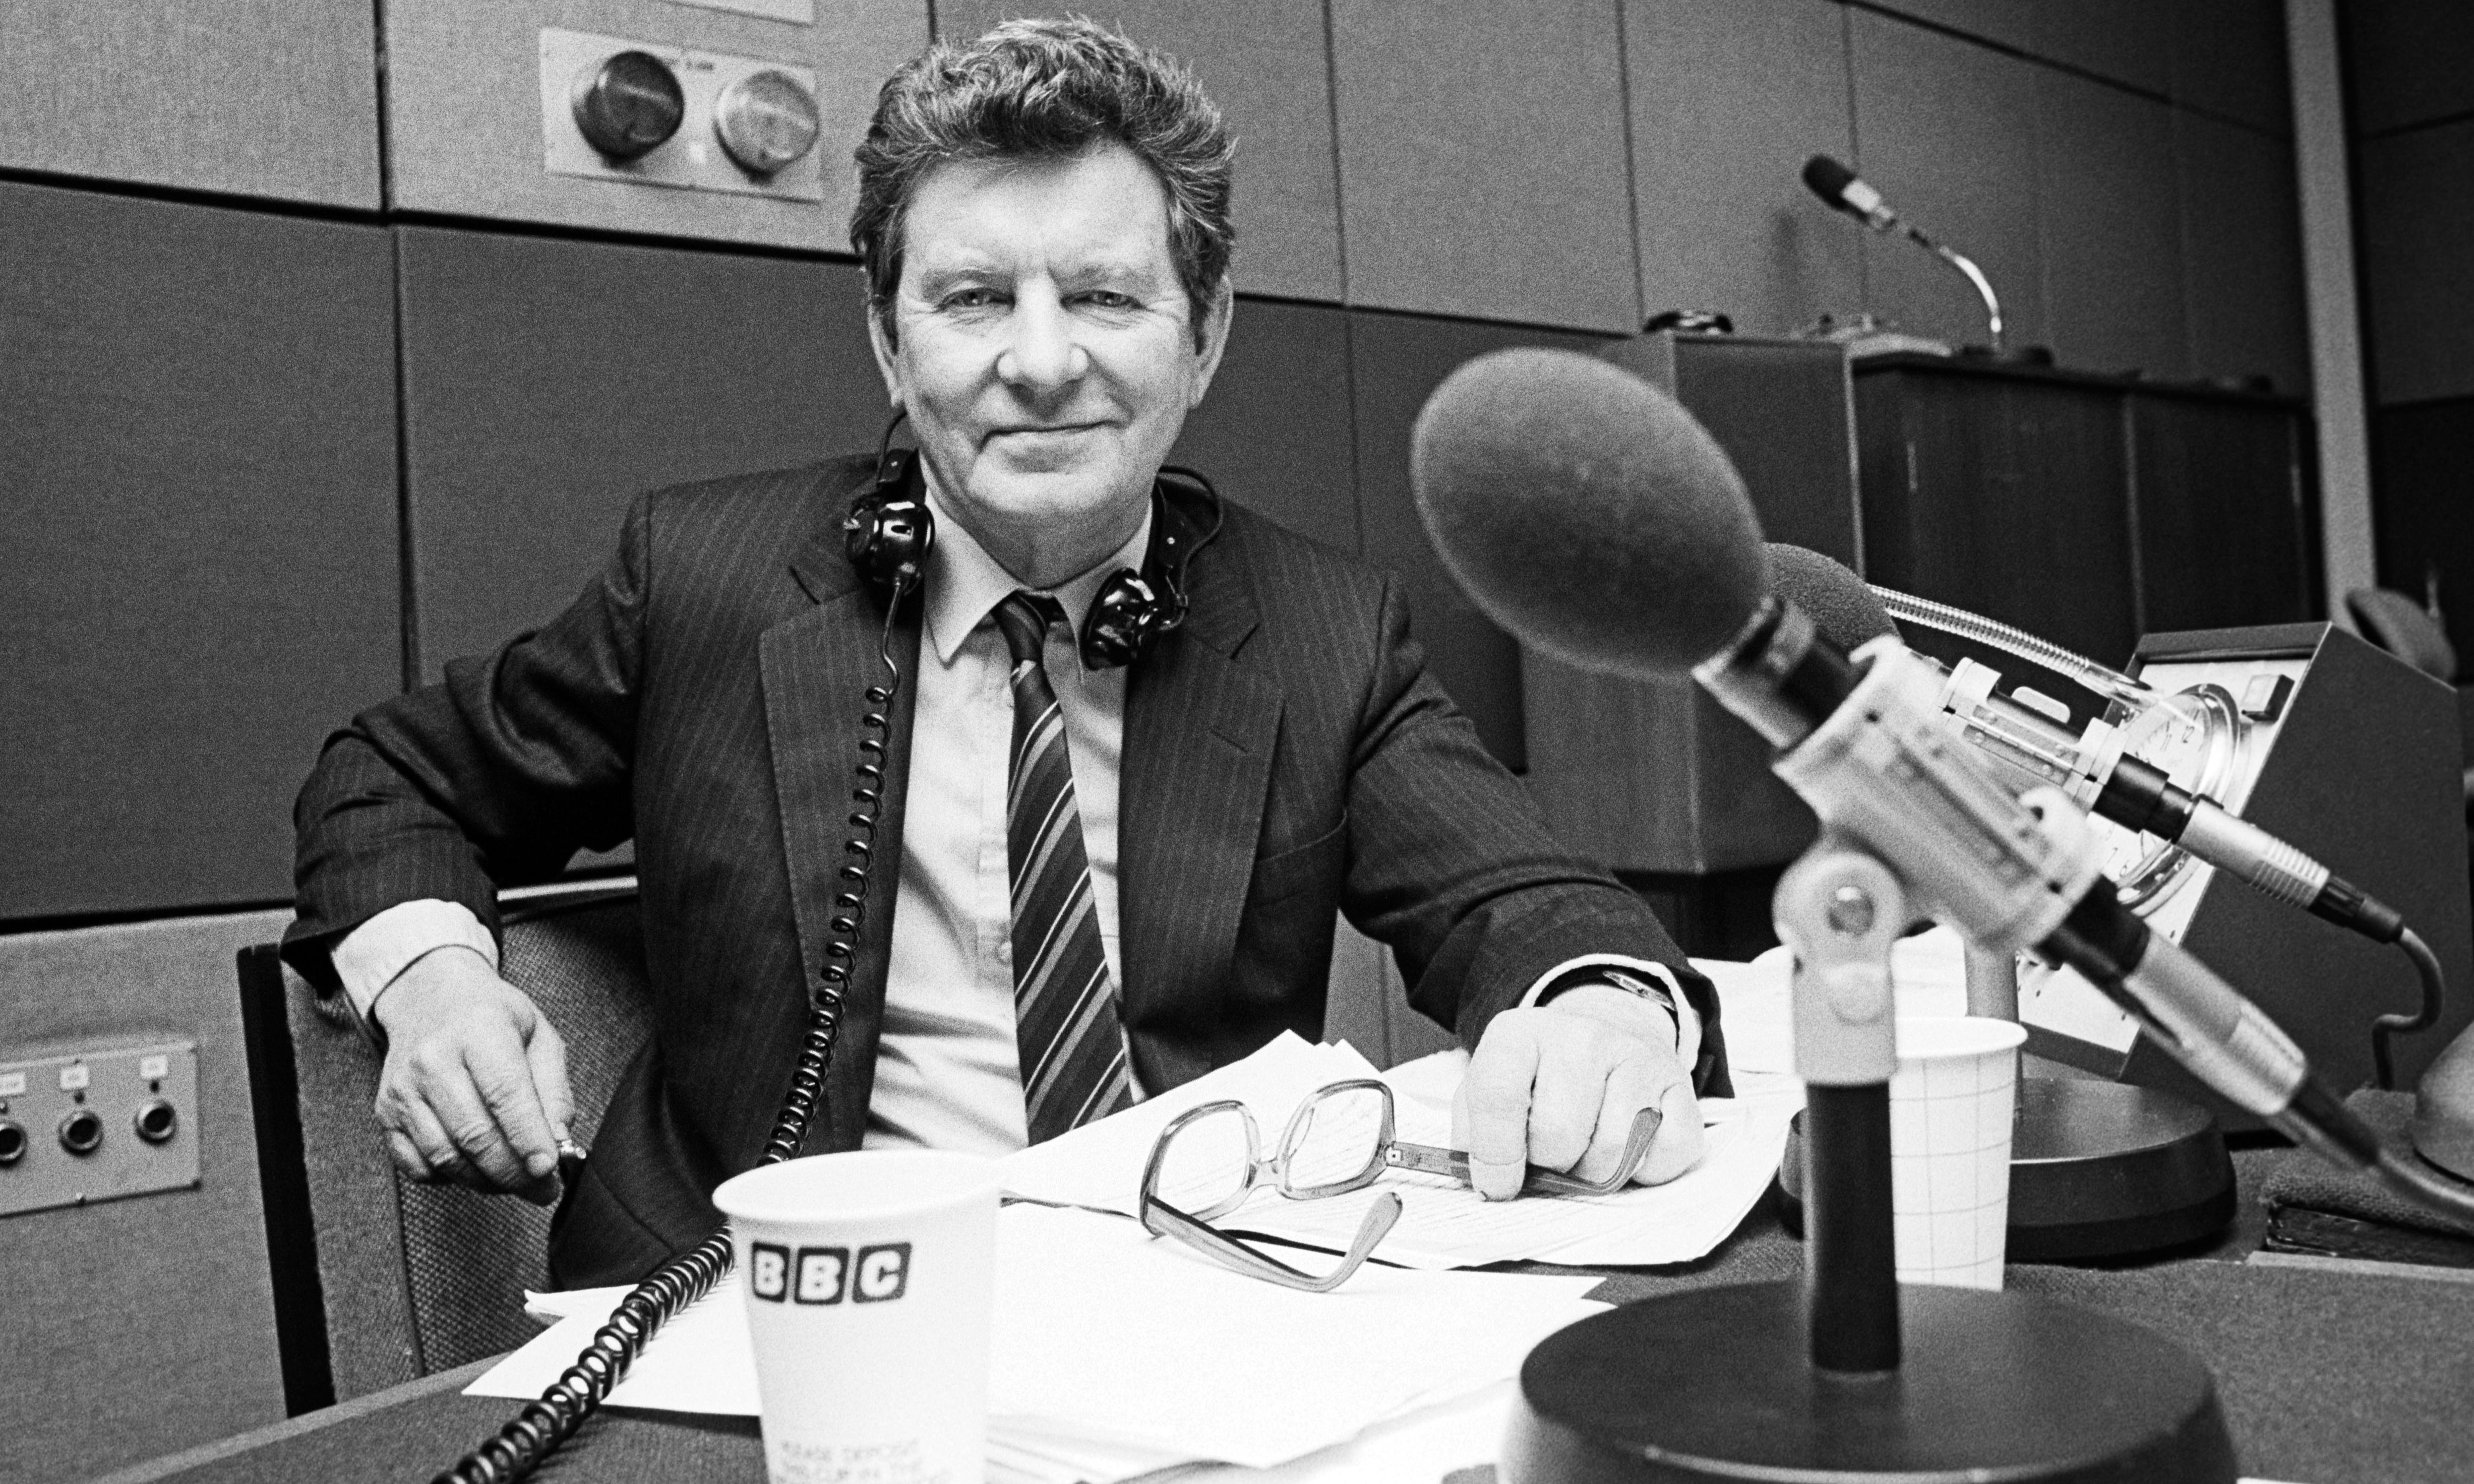 BBC newsreader Richard Baker dies aged 93